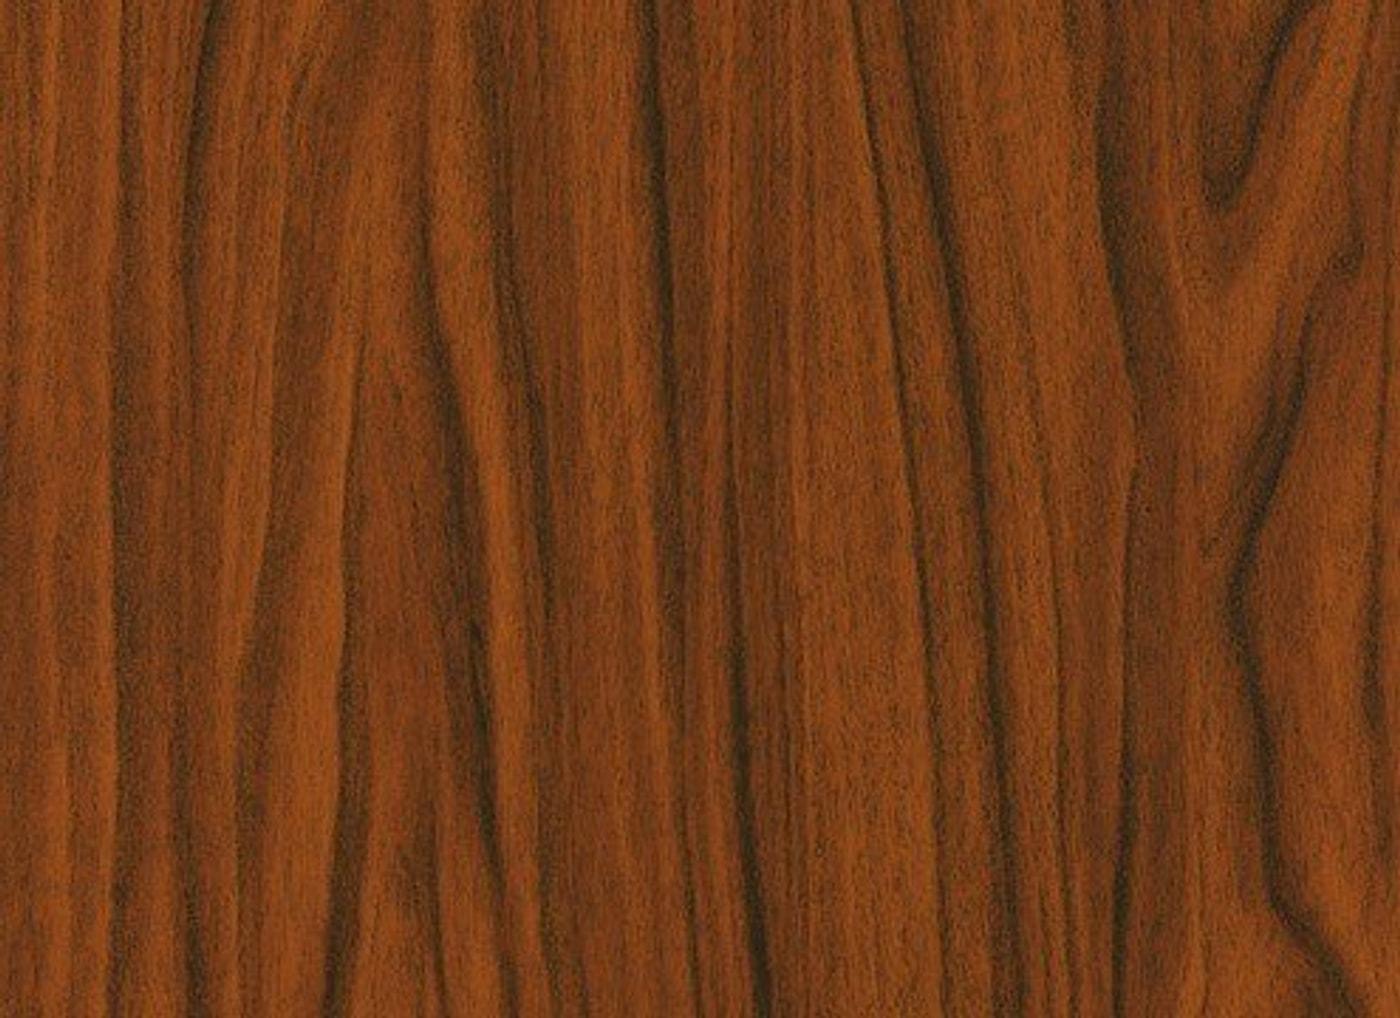 D c fix dekofolien selbstklebend nussbaum gold migros for Dekofolien selbstklebend